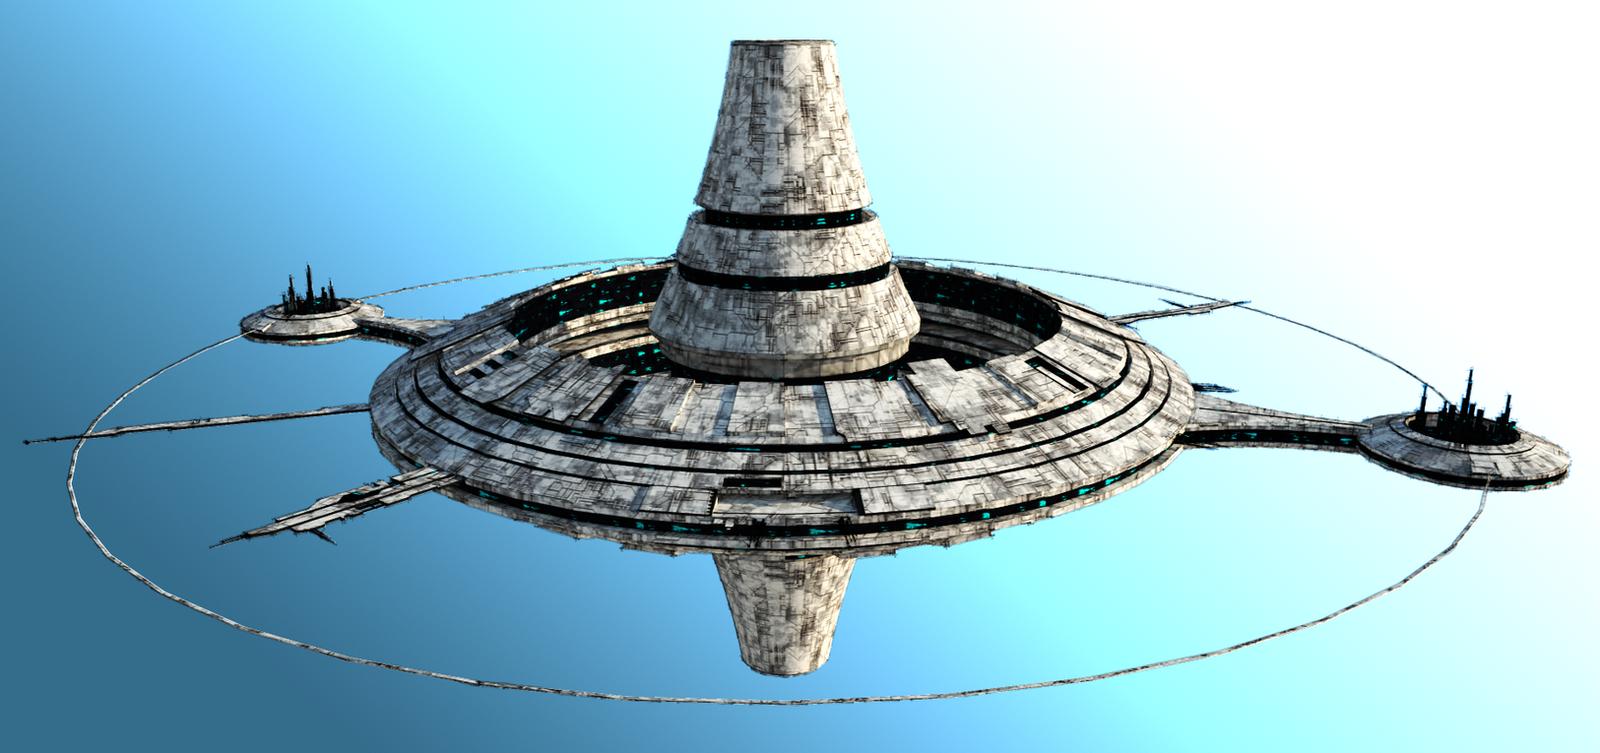 Space station design wip by freiheitskampfer on deviantart for 2 by 4 design